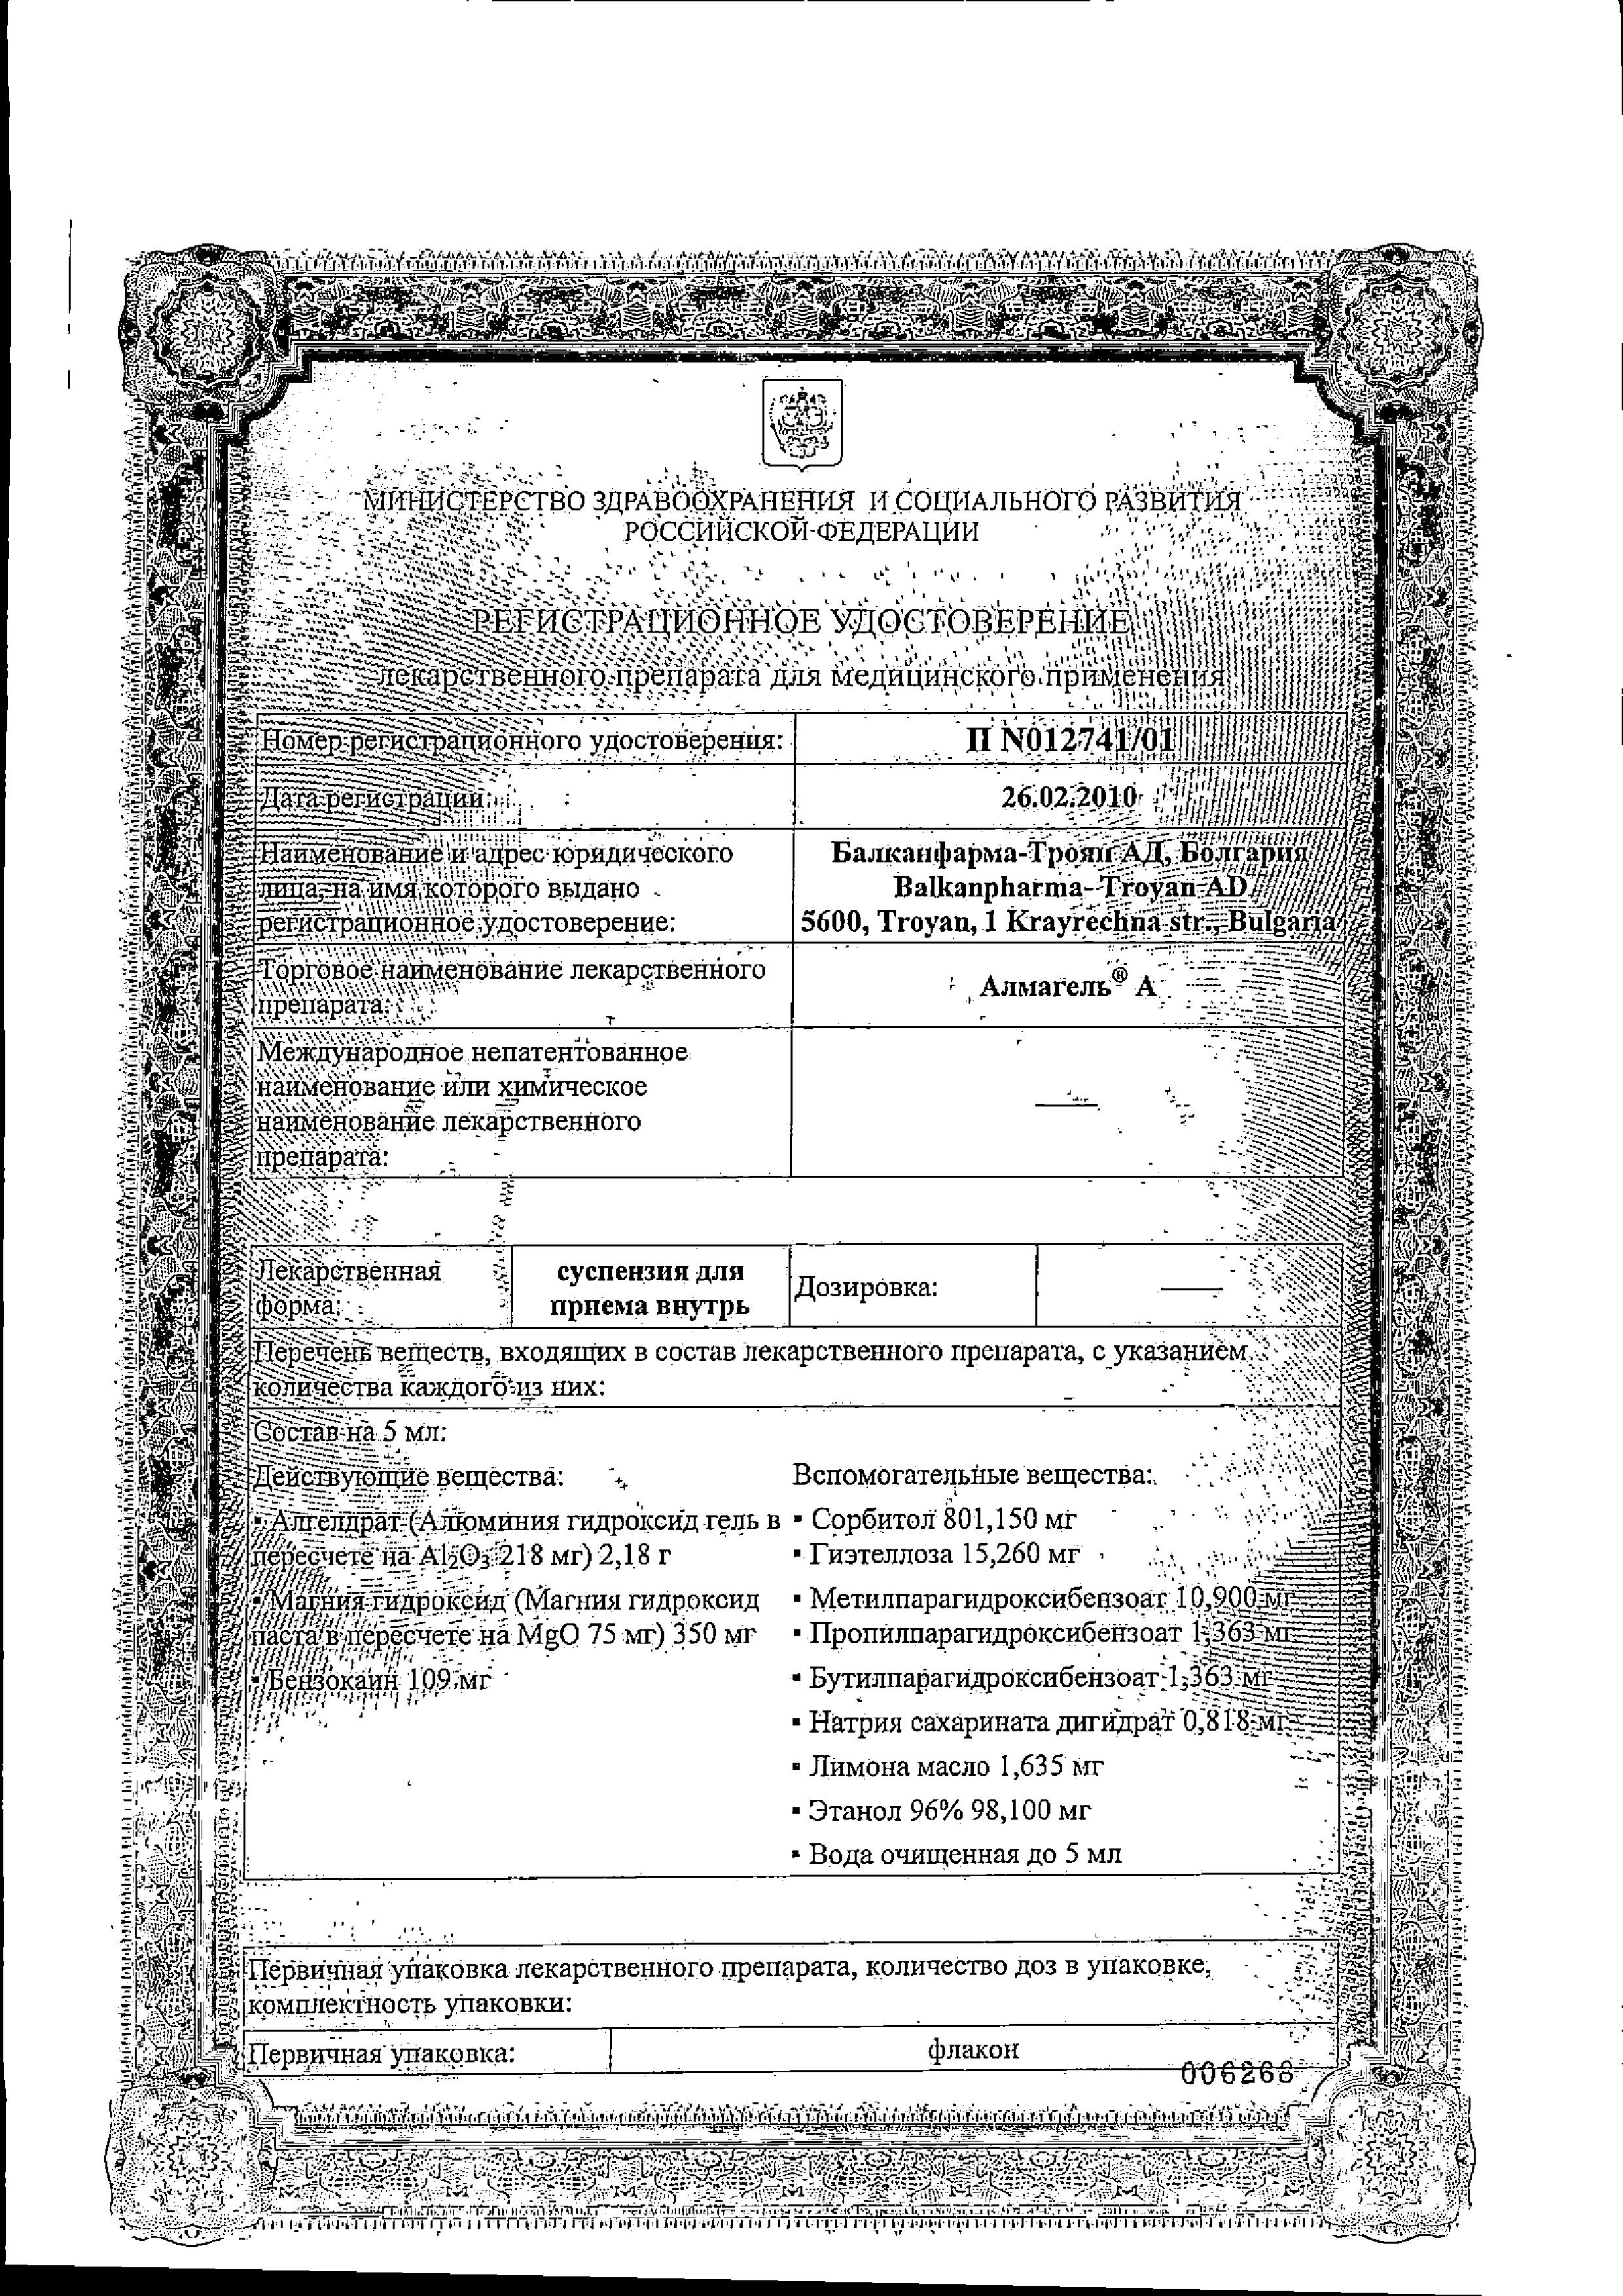 Алмагель А сертификат